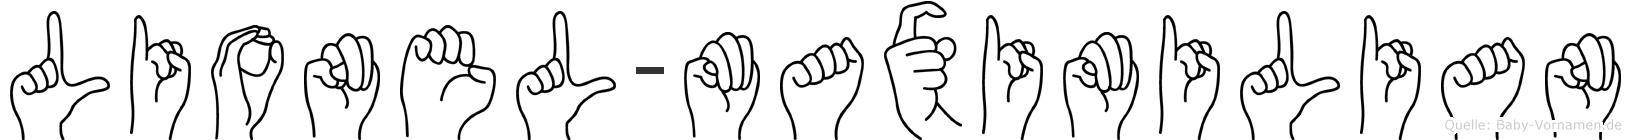 Lionel-Maximilian im Fingeralphabet der Deutschen Gebärdensprache